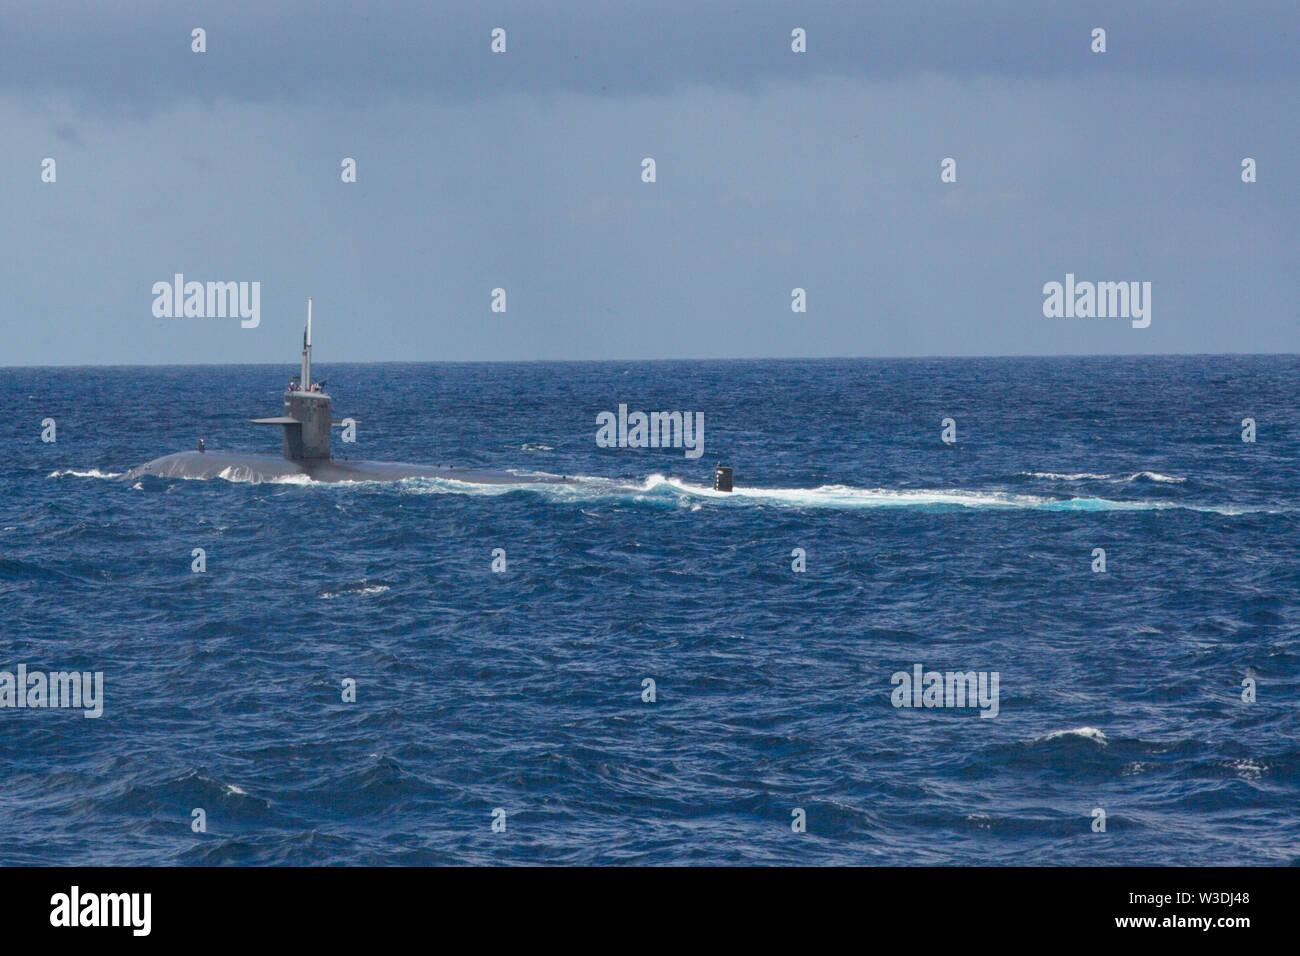 Los Angeles-Klasse Angriffs-U-Boot USS Key West (SSN722) die Durchfuhr durch die Tasmanische See, die sich in der Ausbildung neben den Amphibisches Schiff USS Wasp (LL 1), Juli 11, 2019 als Teil der Talisman Sabre 2019. Wasp, Flaggschiff der Wasp Expeditionary Strike Group, mit Eingeschifft 31 MEU, nimmt derzeit an Talisman Sabre 2019 vor der Küste im Norden von Australien. Eine bilaterale, Biennale, Talisman Sabre ist für US-amerikanische und australische Combat Training, Bereitschaft und Interoperabilität durch realistische, einschlägige Ausbildung notwendig, regionale Sicherheit, Friedens- und stabil zu erhalten zu verbessern. Stockbild